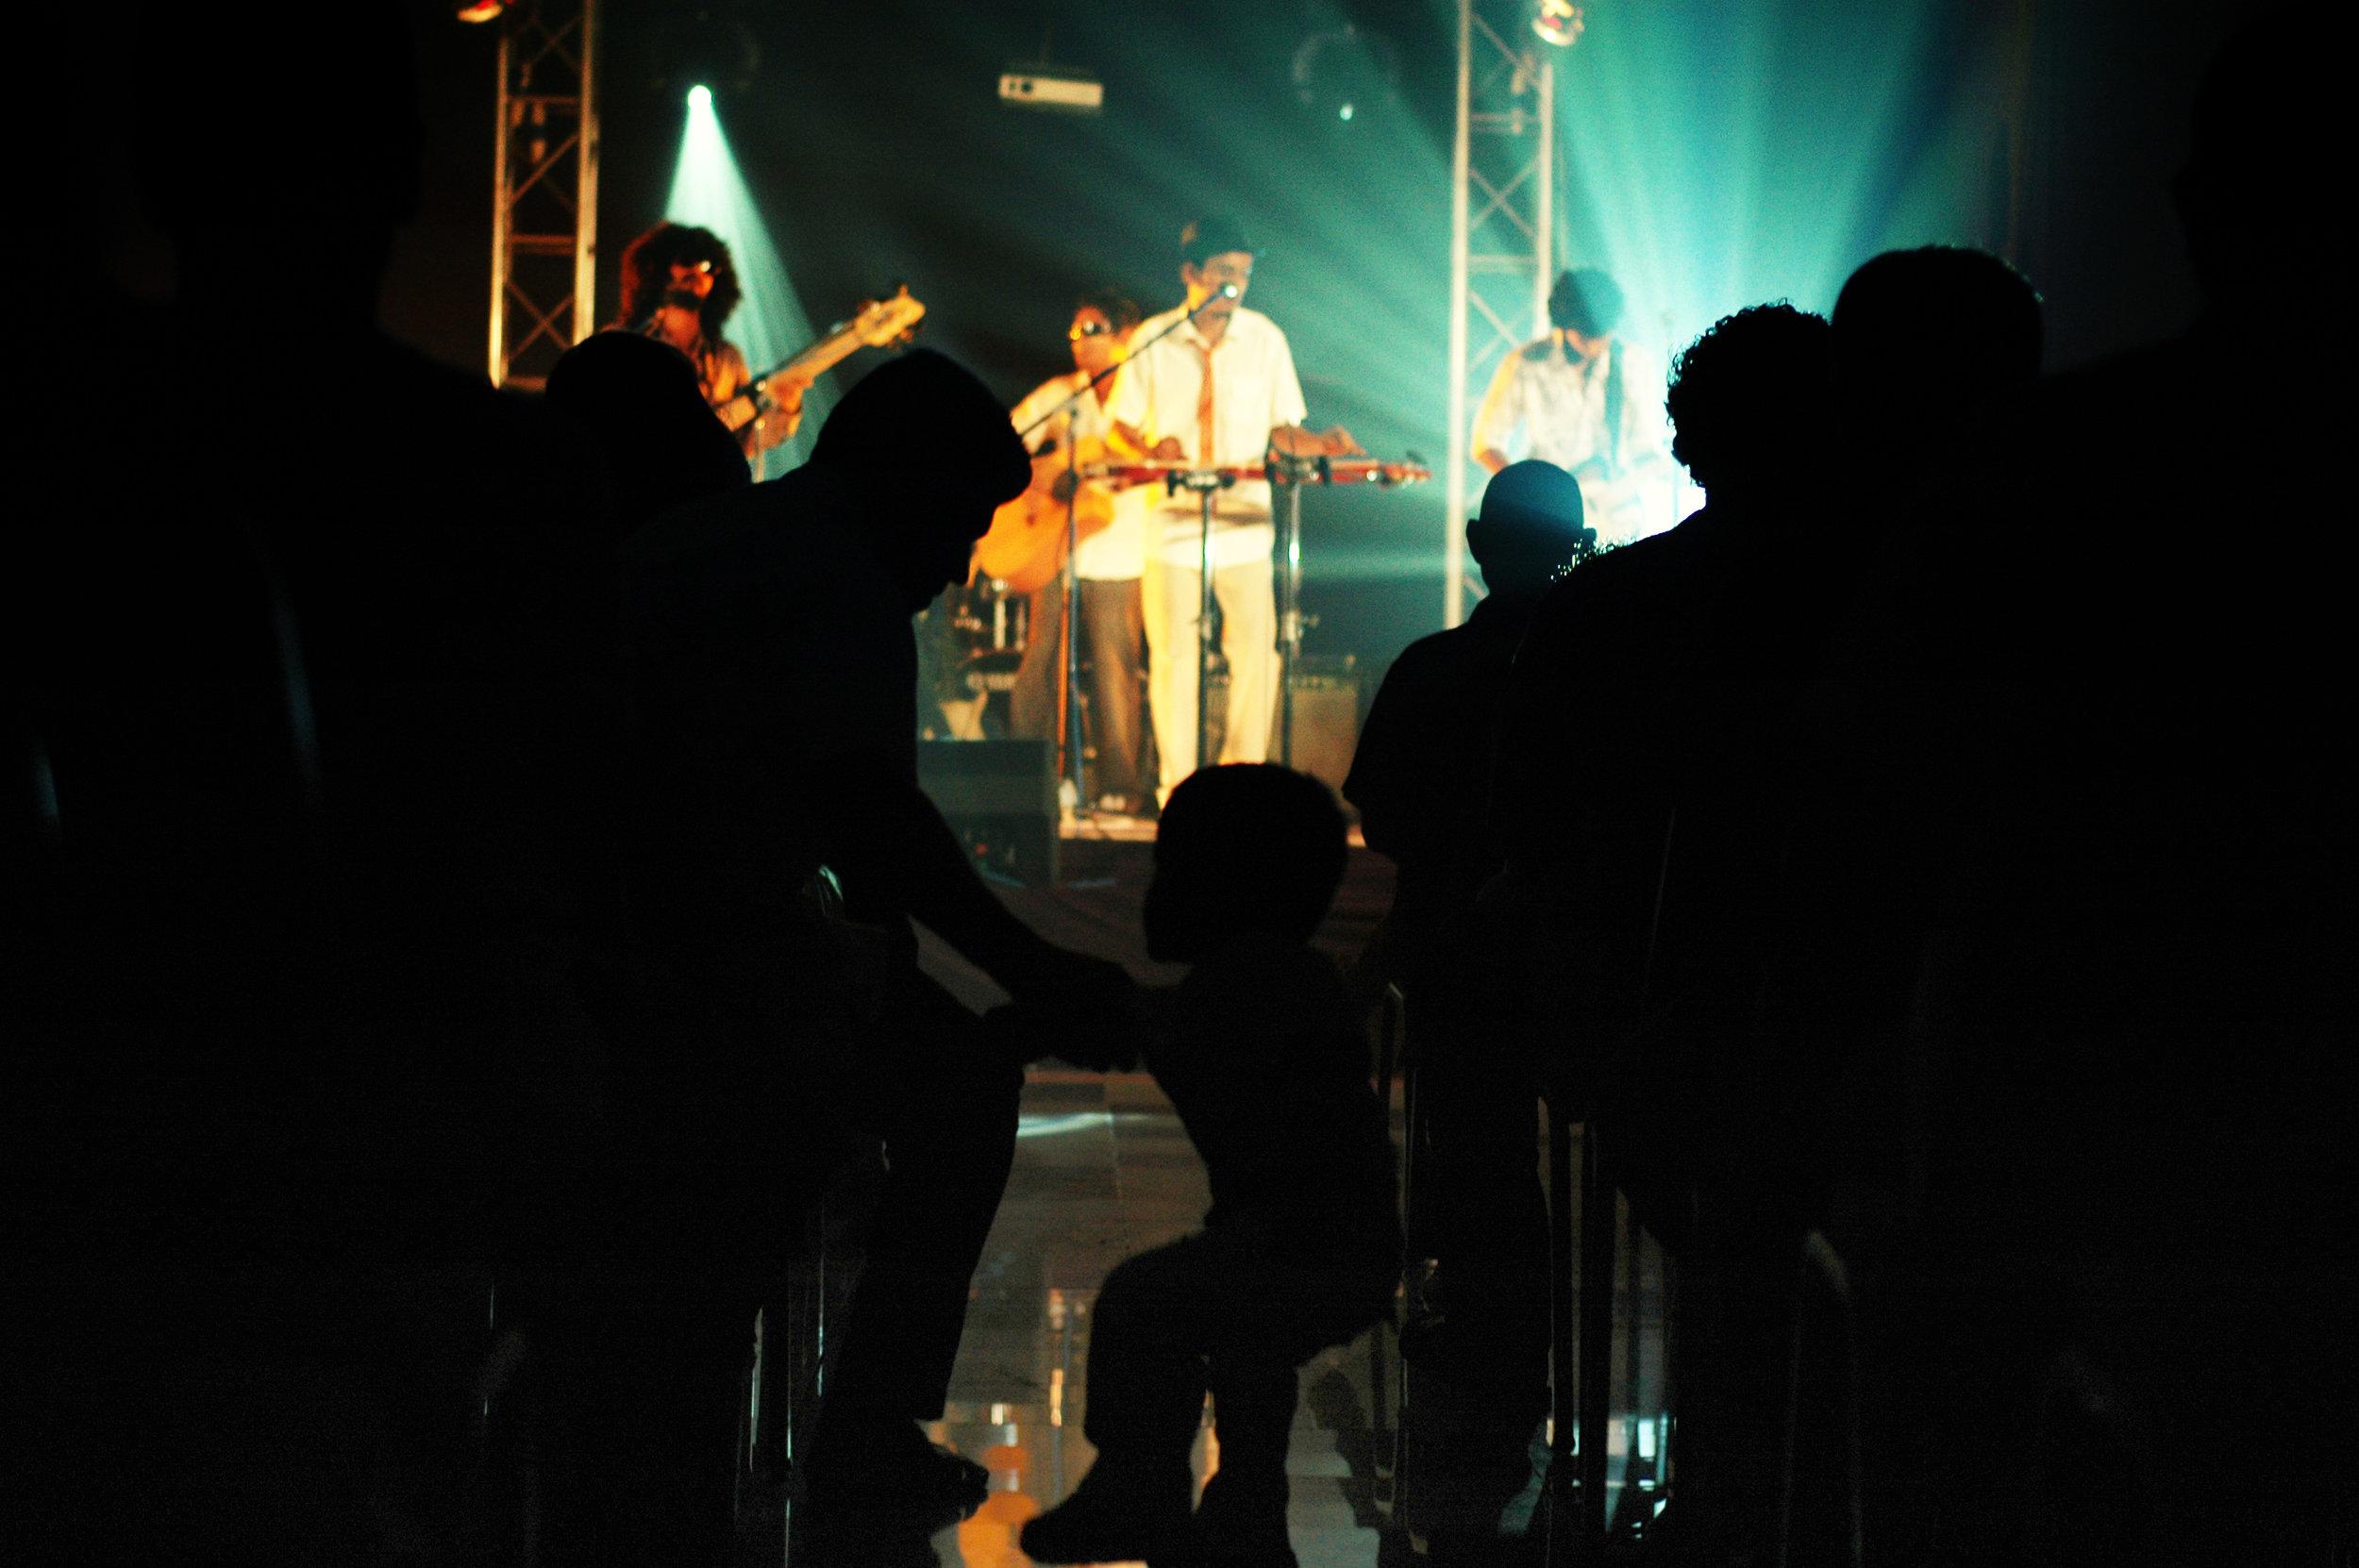 2009-08-19 - Male' City - Dharubaaruge' - Eku Ekee Album Launch - D70s--6.jpg